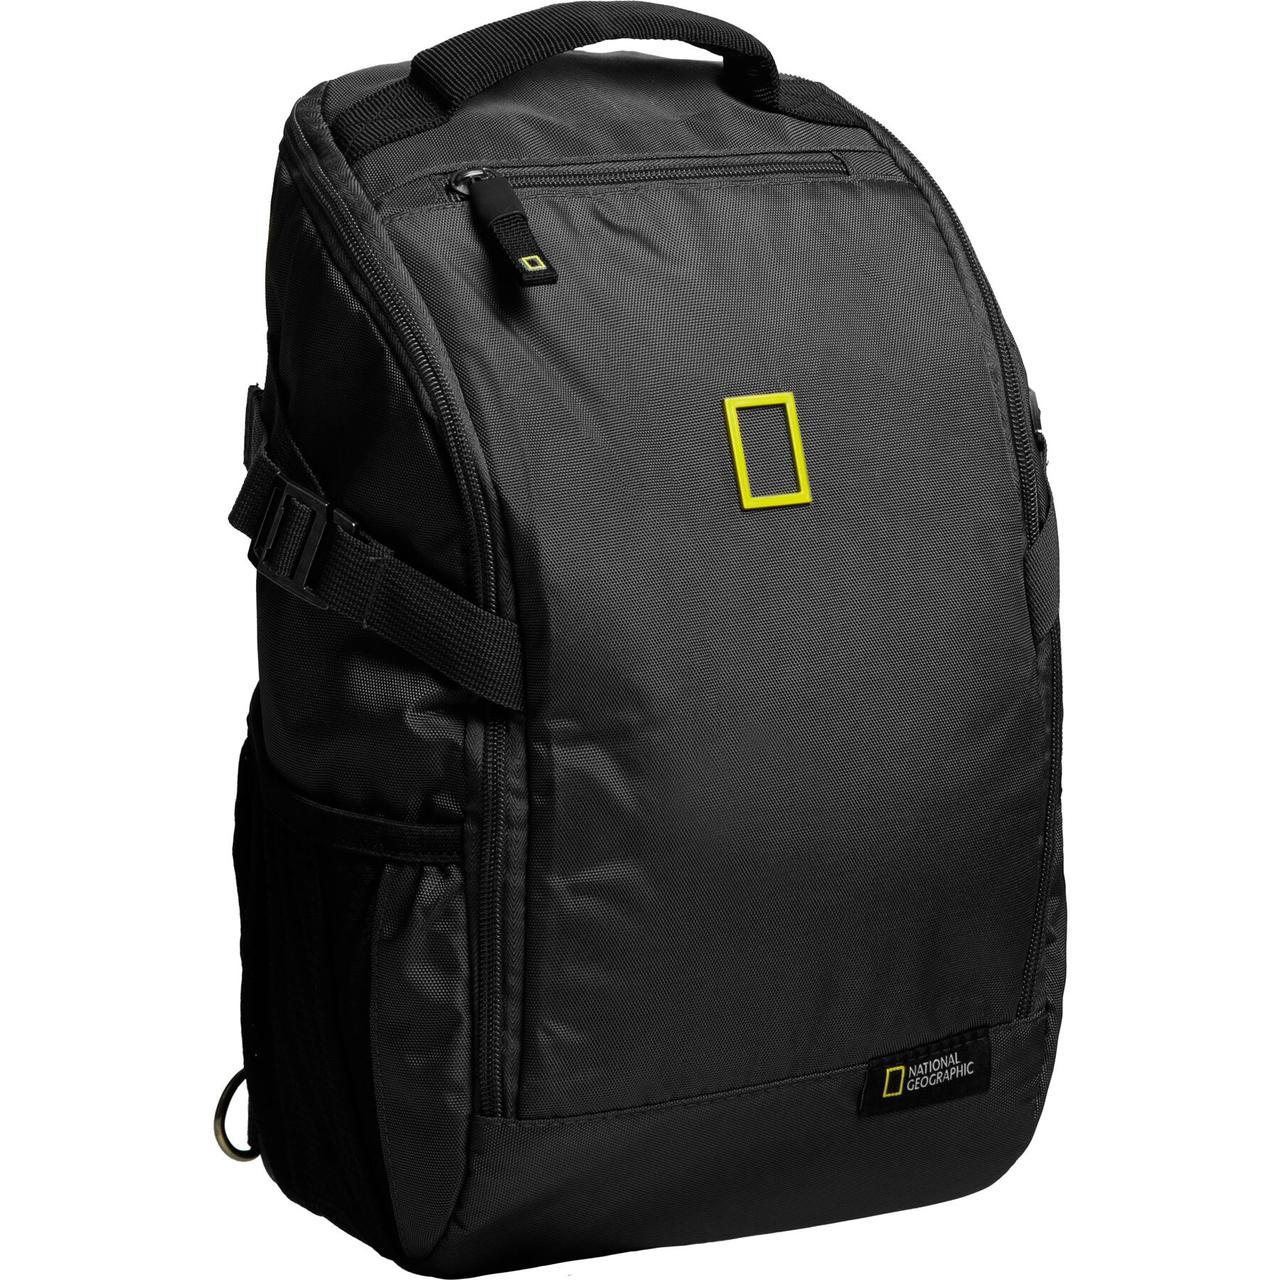 Рюкзак повседневный (Городской) с отделением планшета NATIONAL GEOGRAPHIC Recovery N14106;06 черный